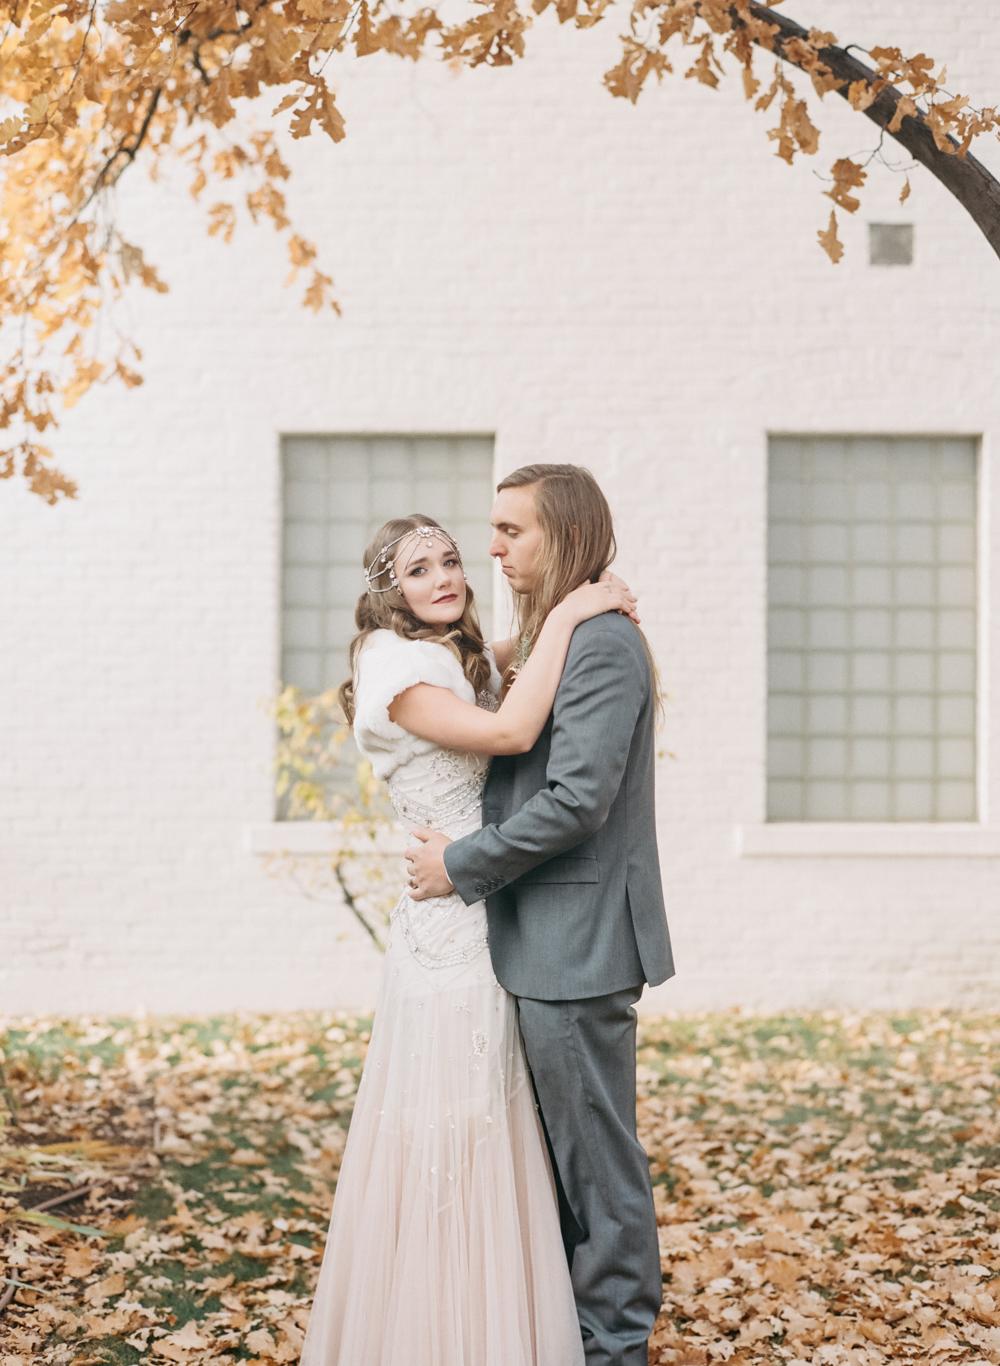 bardenay wedding venue boise-18.jpg